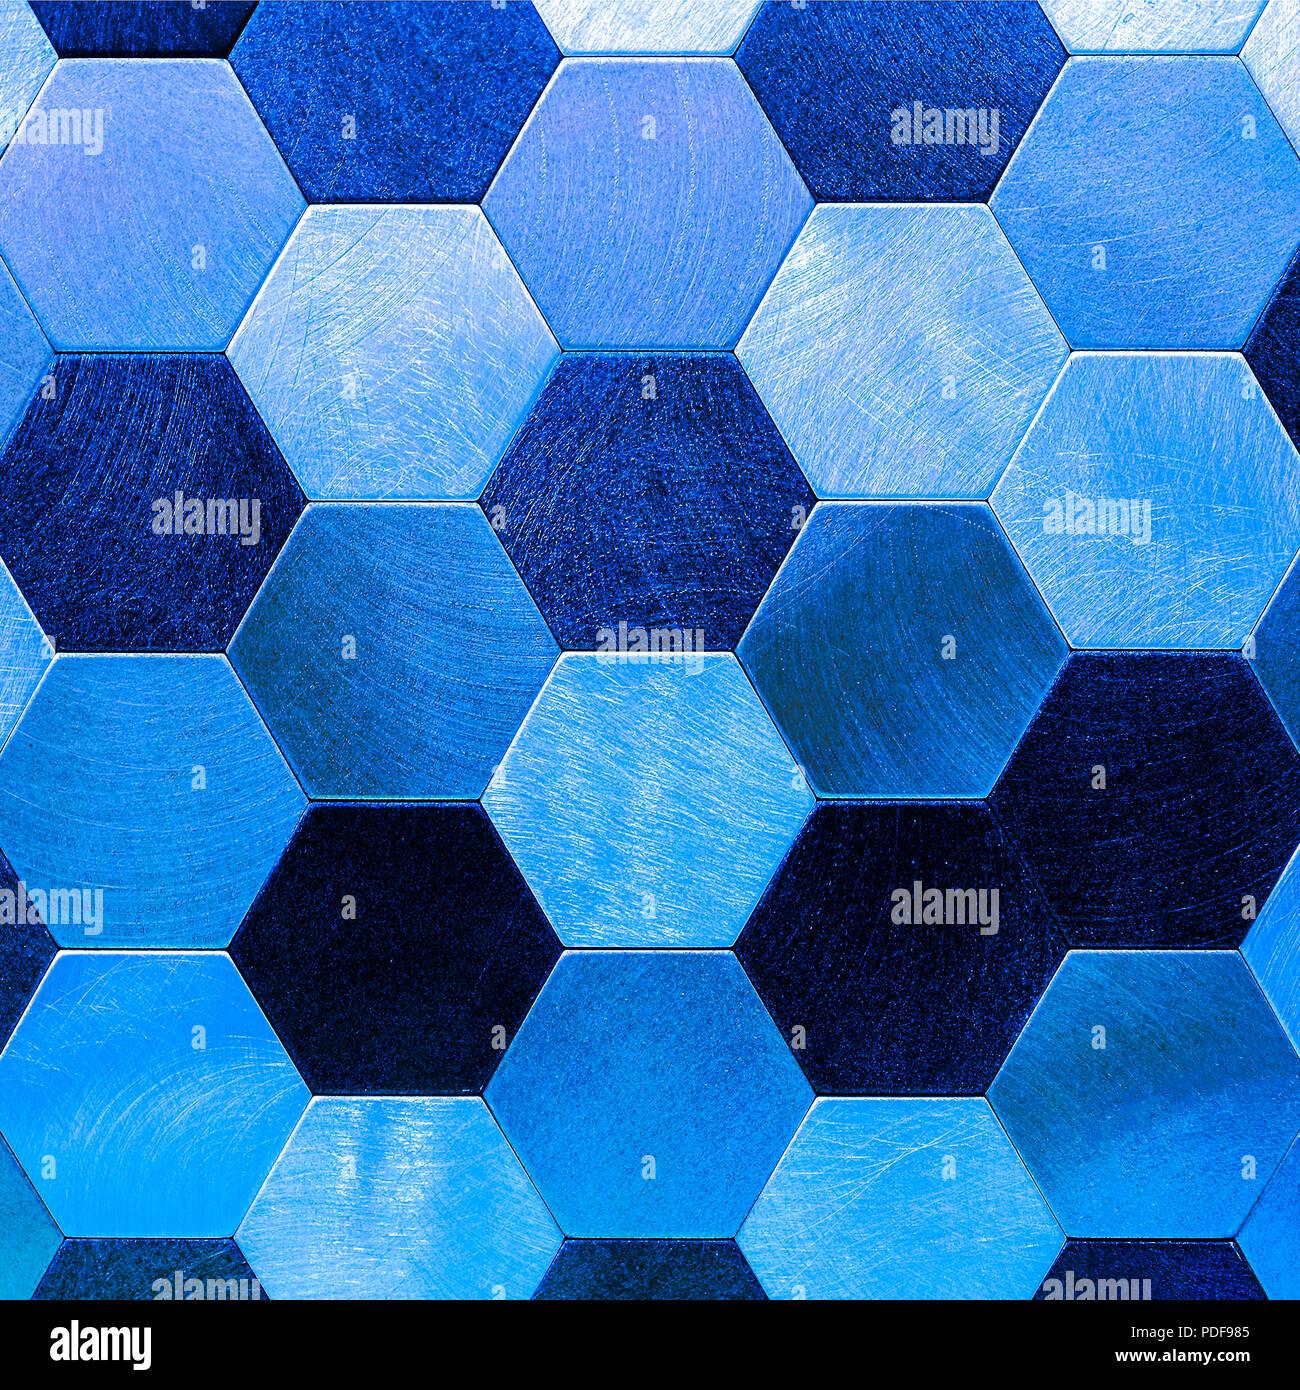 Abstract Argento Con Blu Metallizzato Sfondo Gli Esagoni Geometrica